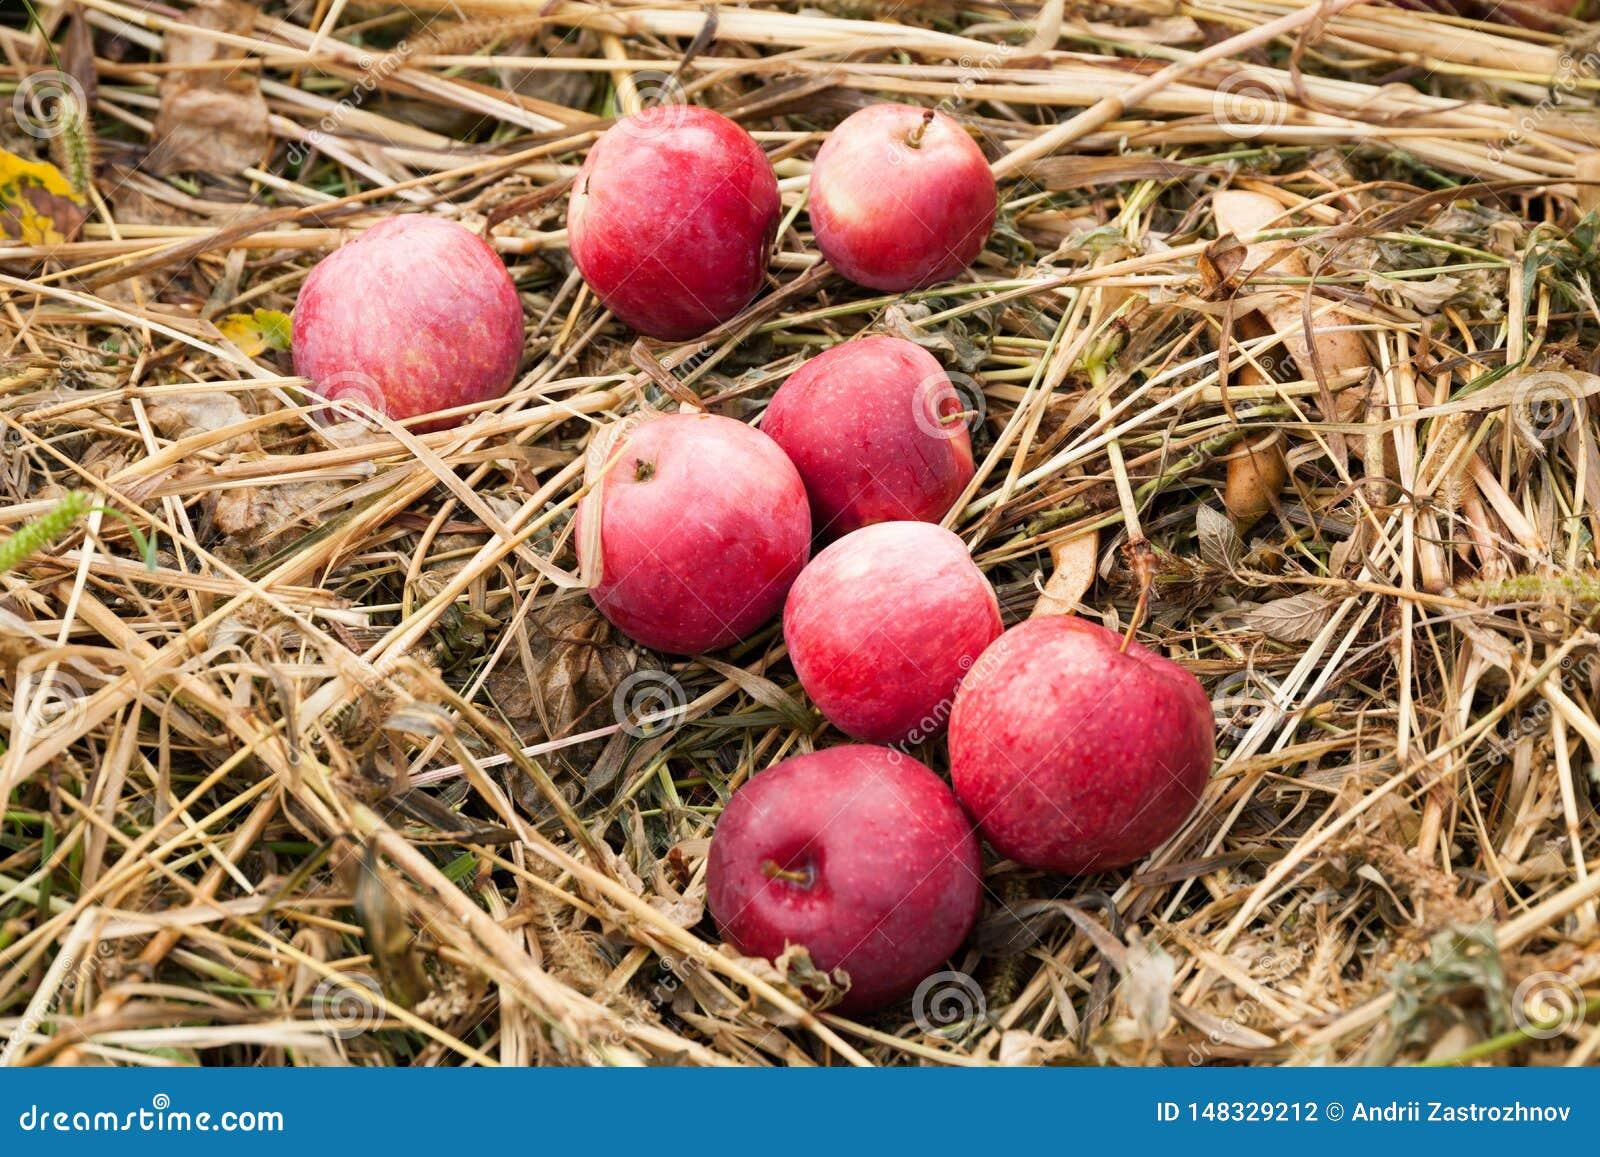 Raccolto di frutti della natura di autunno in frutteto, mele di verdura fresca